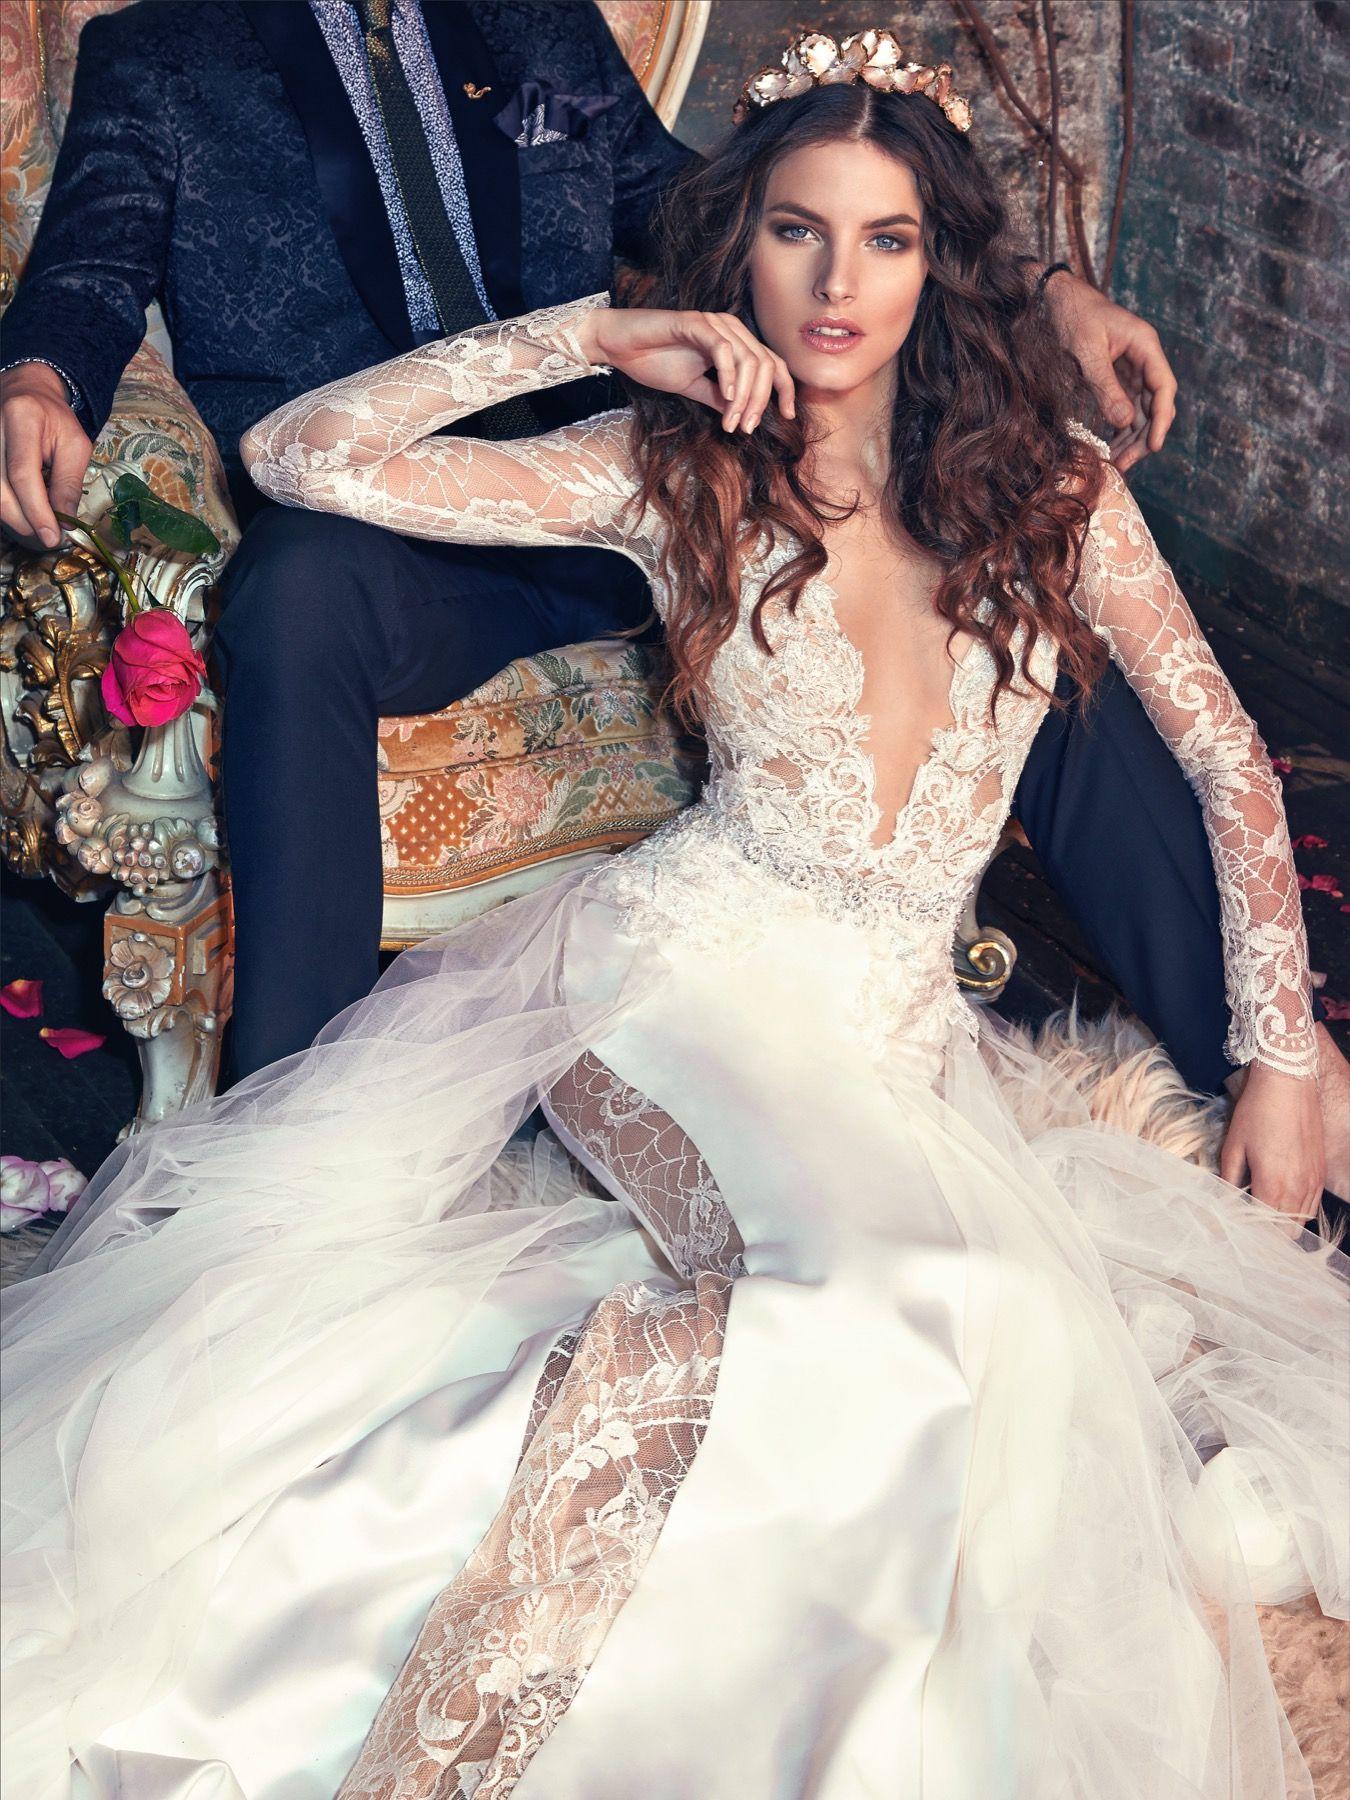 Bohemian Wedding Gown Collection   Mein leben, Hochzeitskleid und Braut